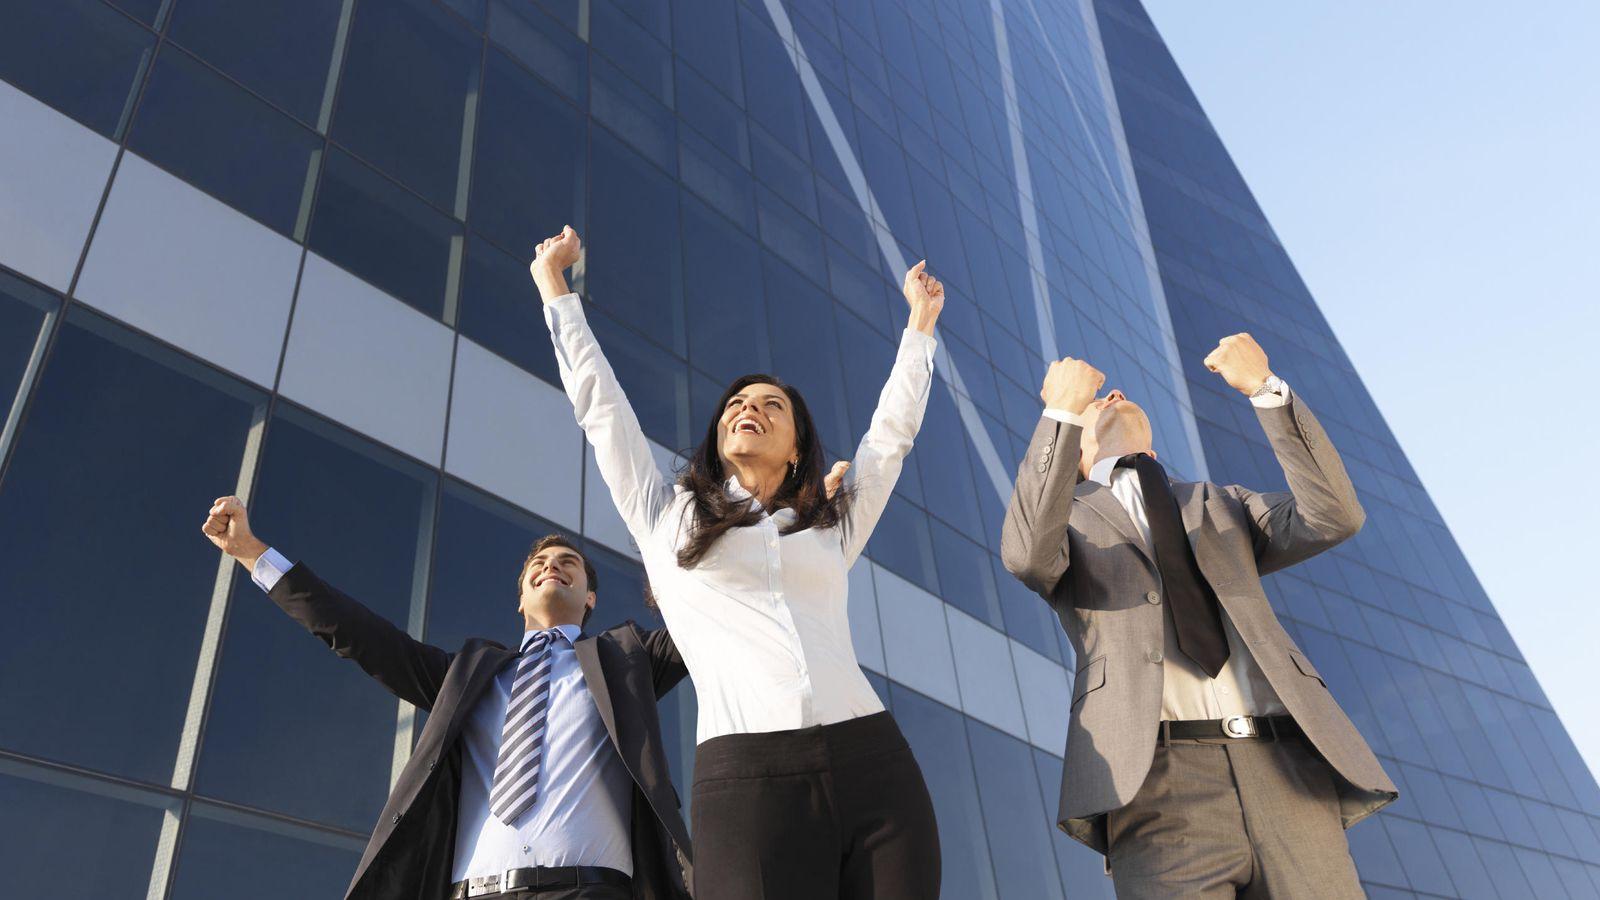 Foto: Ahora que el mercado vuelve a moverse, no hay excusa para no aspirar a algo mejor. (iStock)